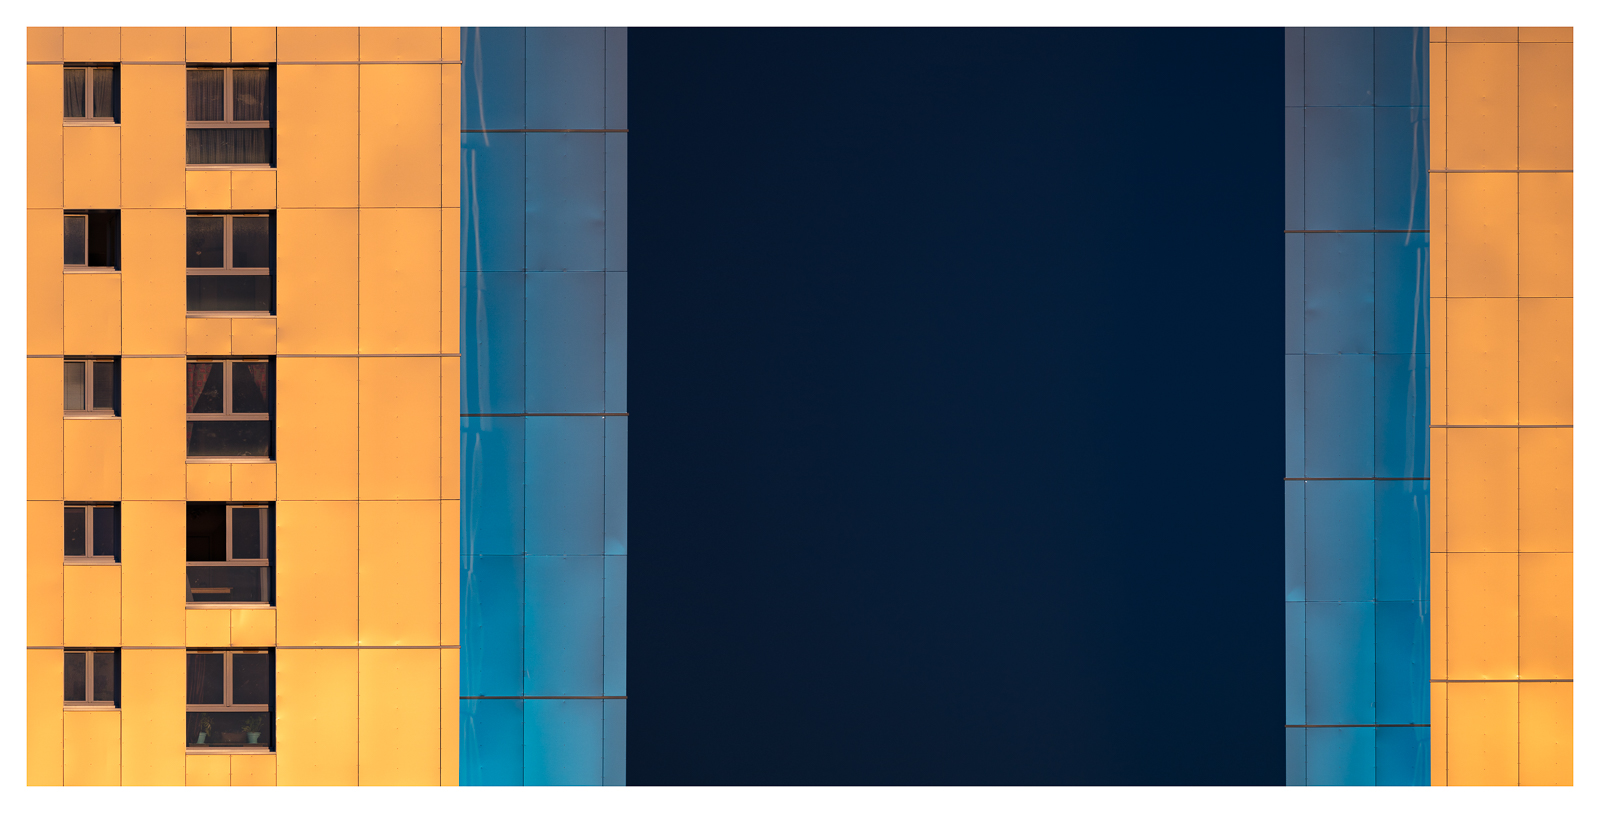 Metallic Sunset - east-west by Pierre-Lagarde